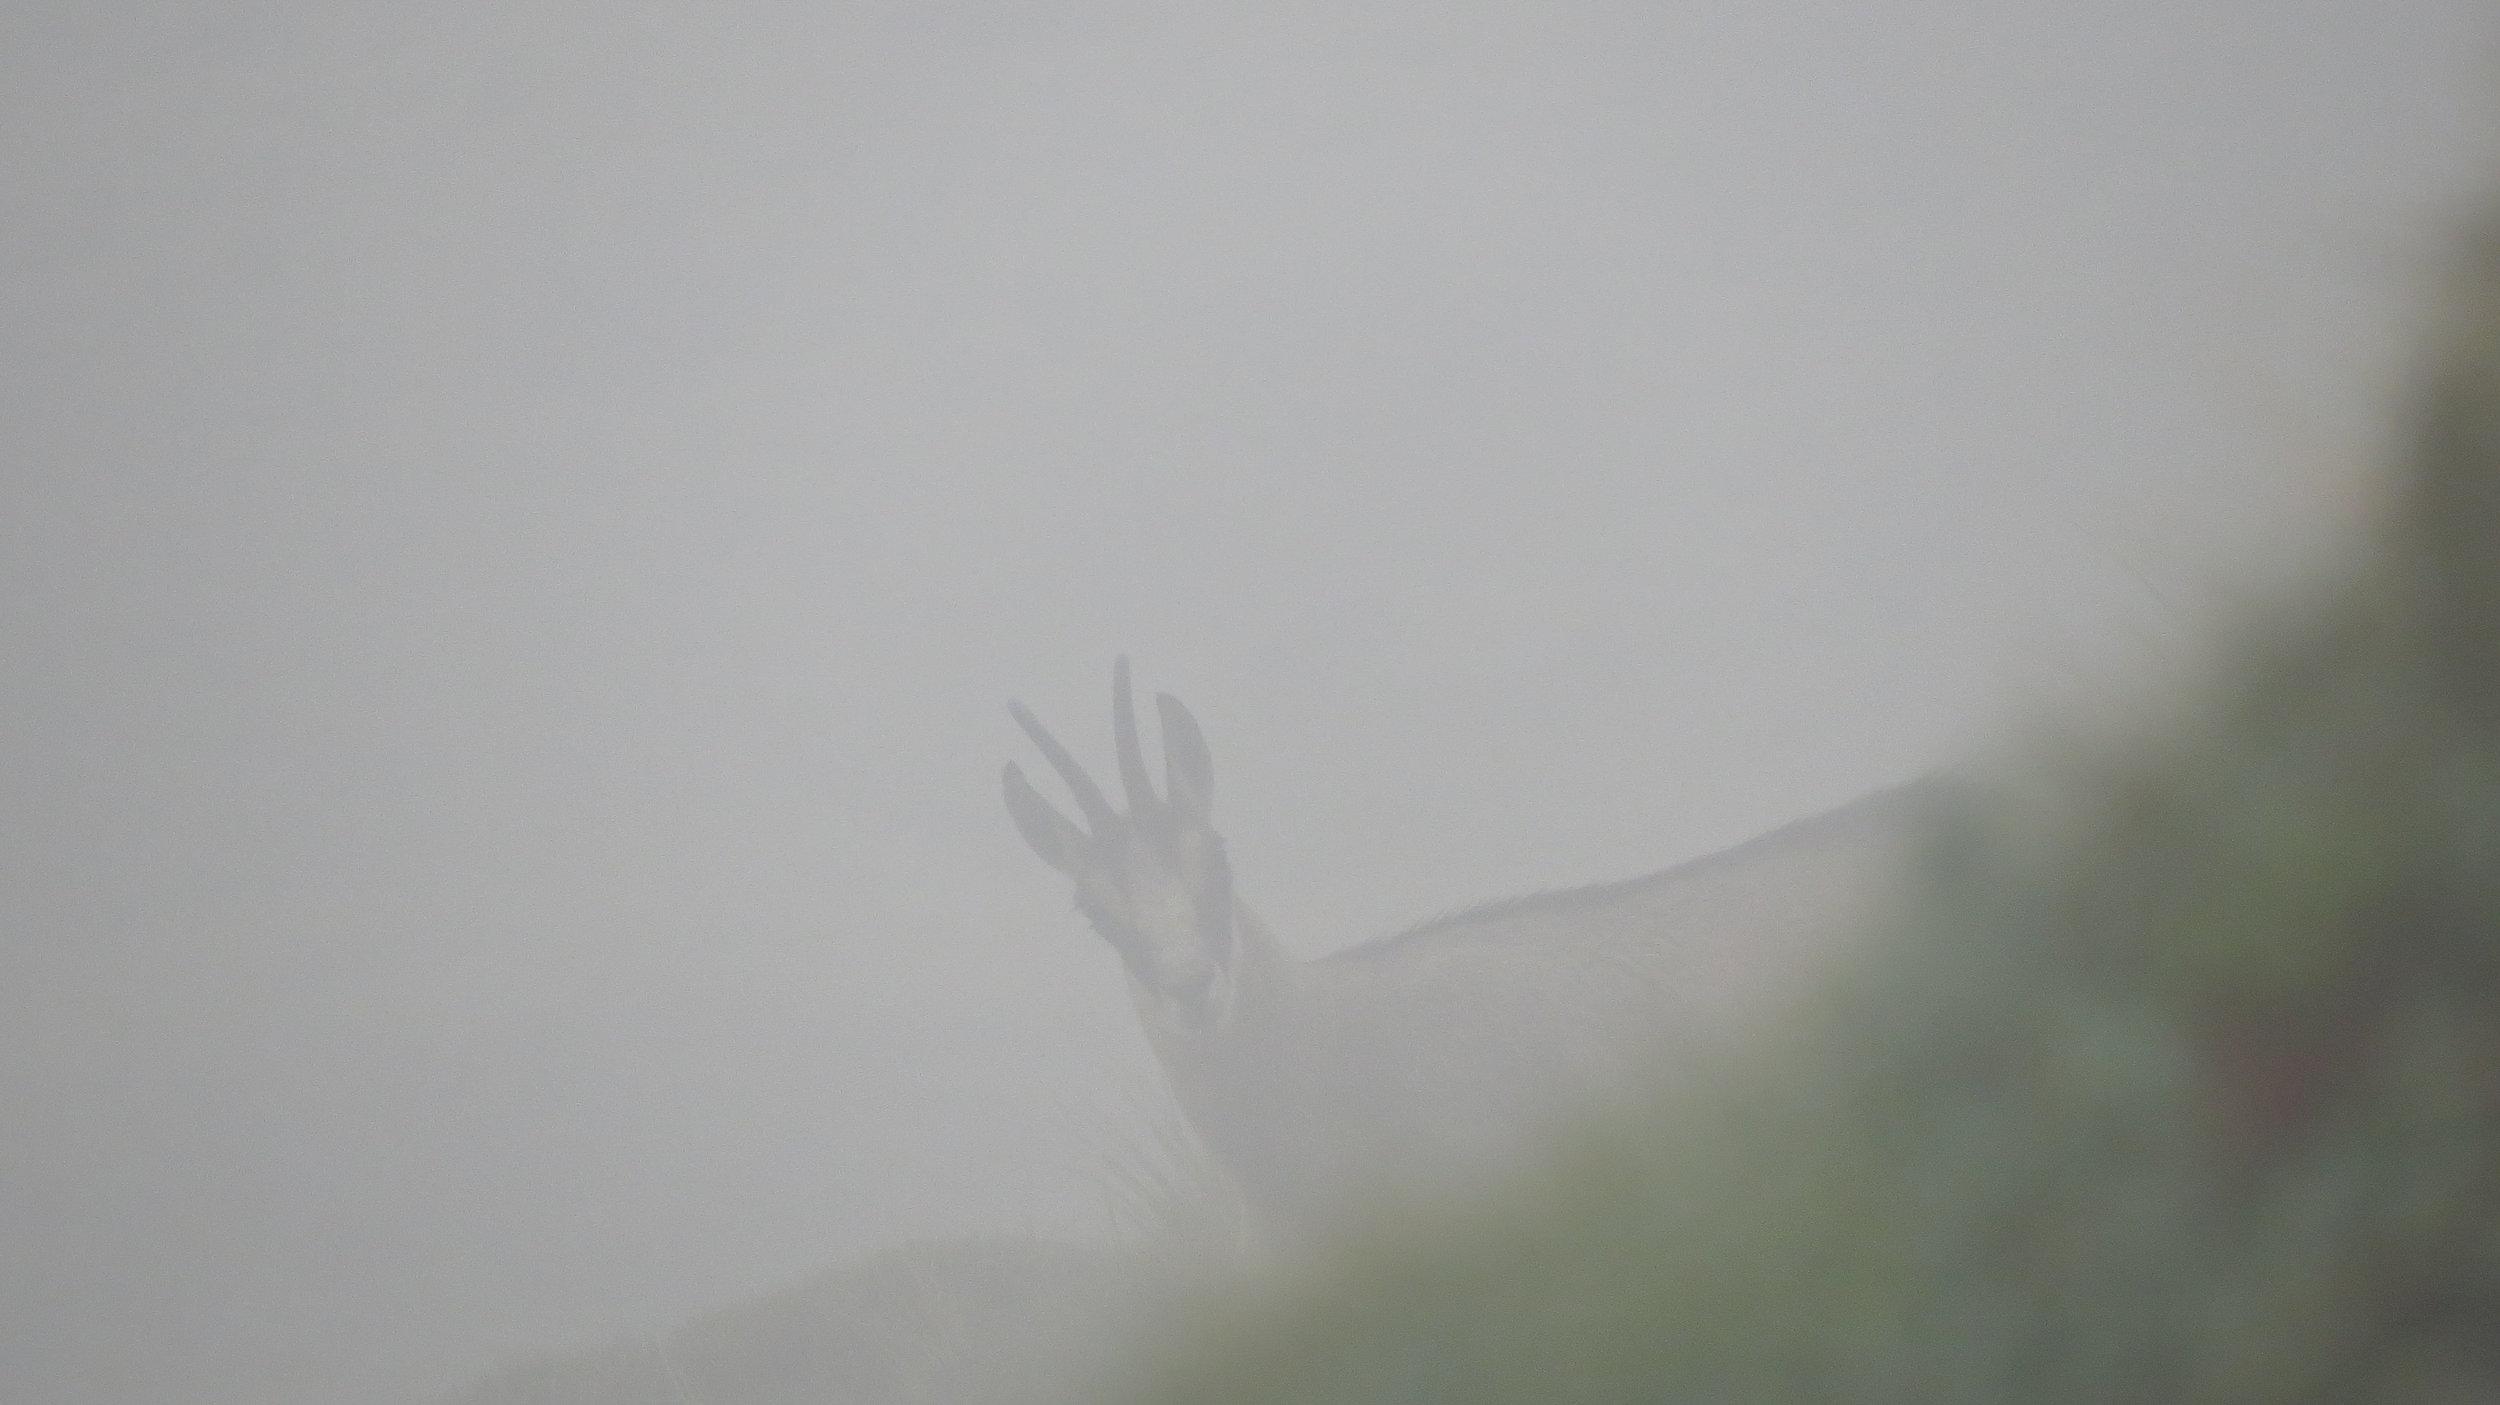 A young buck chamois peeking through the fog